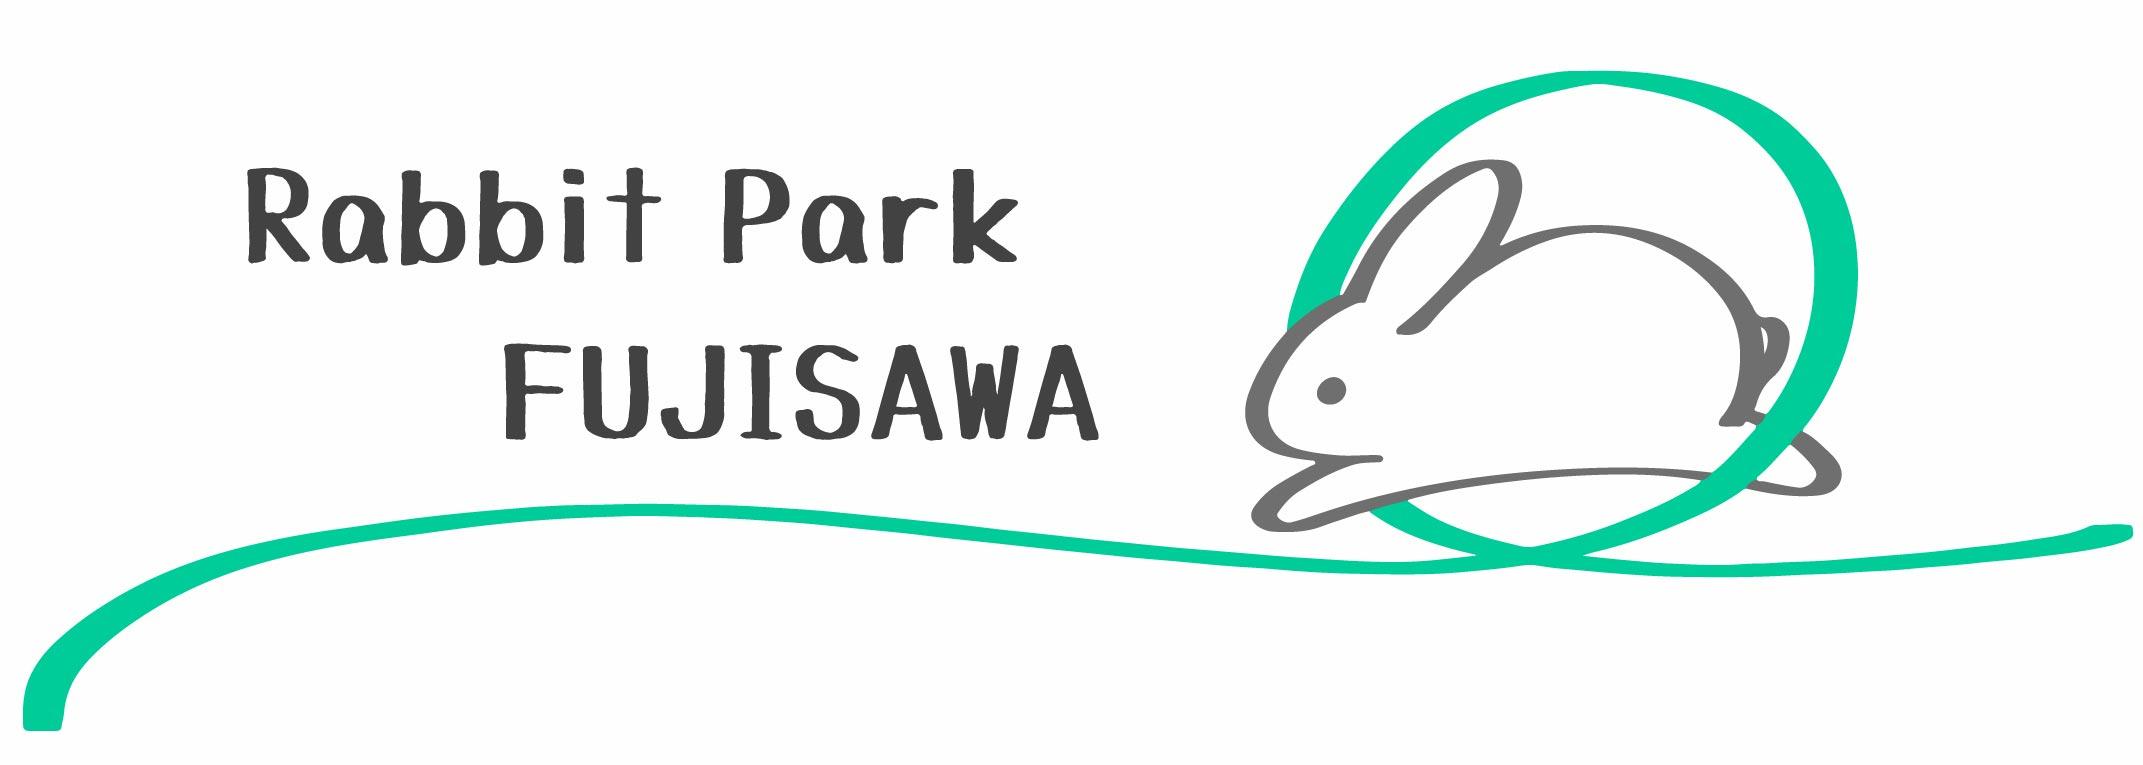 【農地再生事業】Rabbit park FUJISAWA オープン